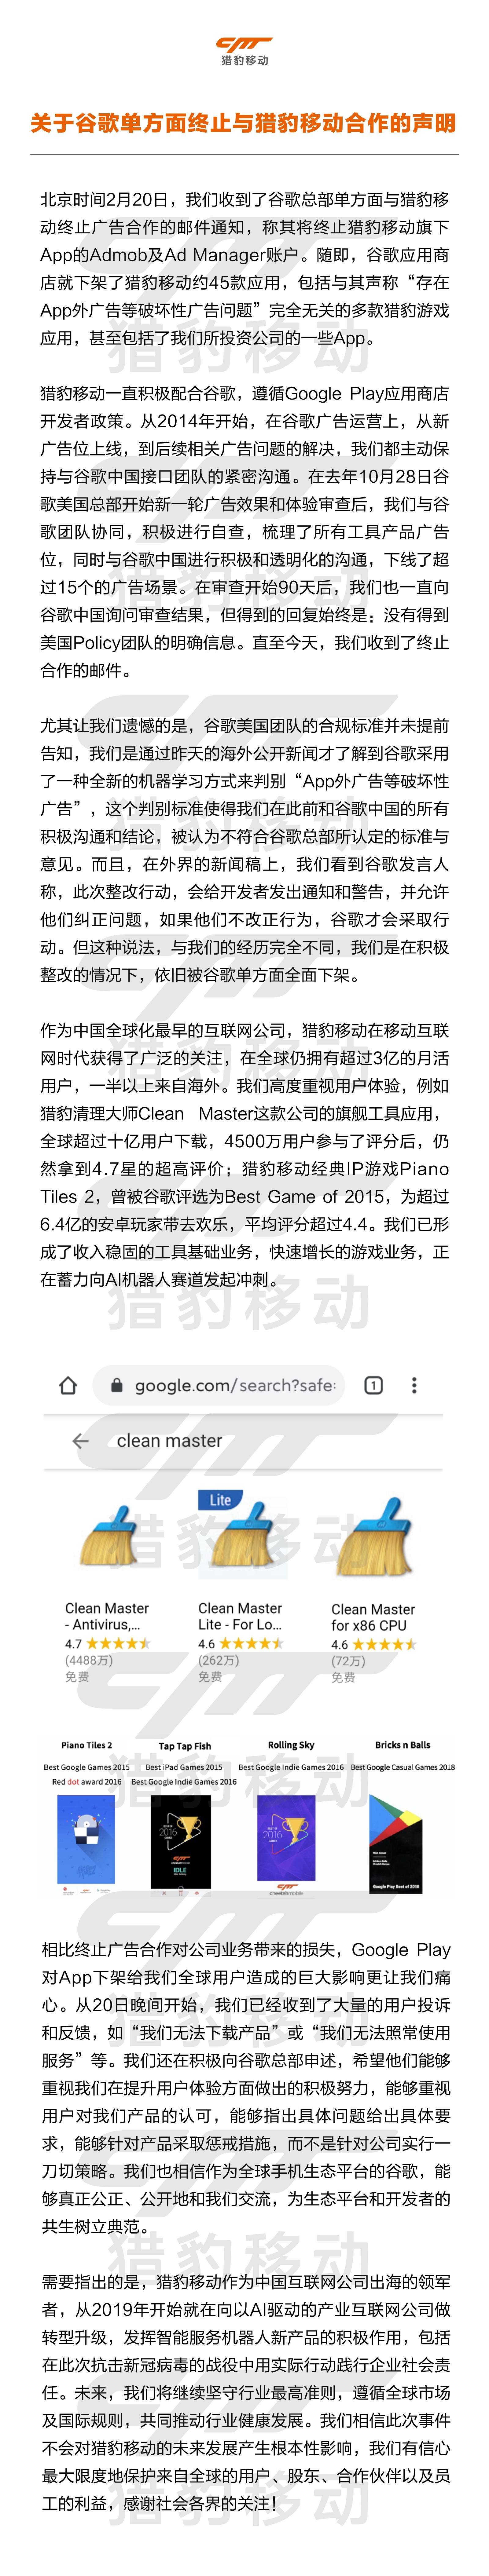 猎豹移动就违规被谷歌下架问题发布声明 也侧面证实确实存在破坏性广告